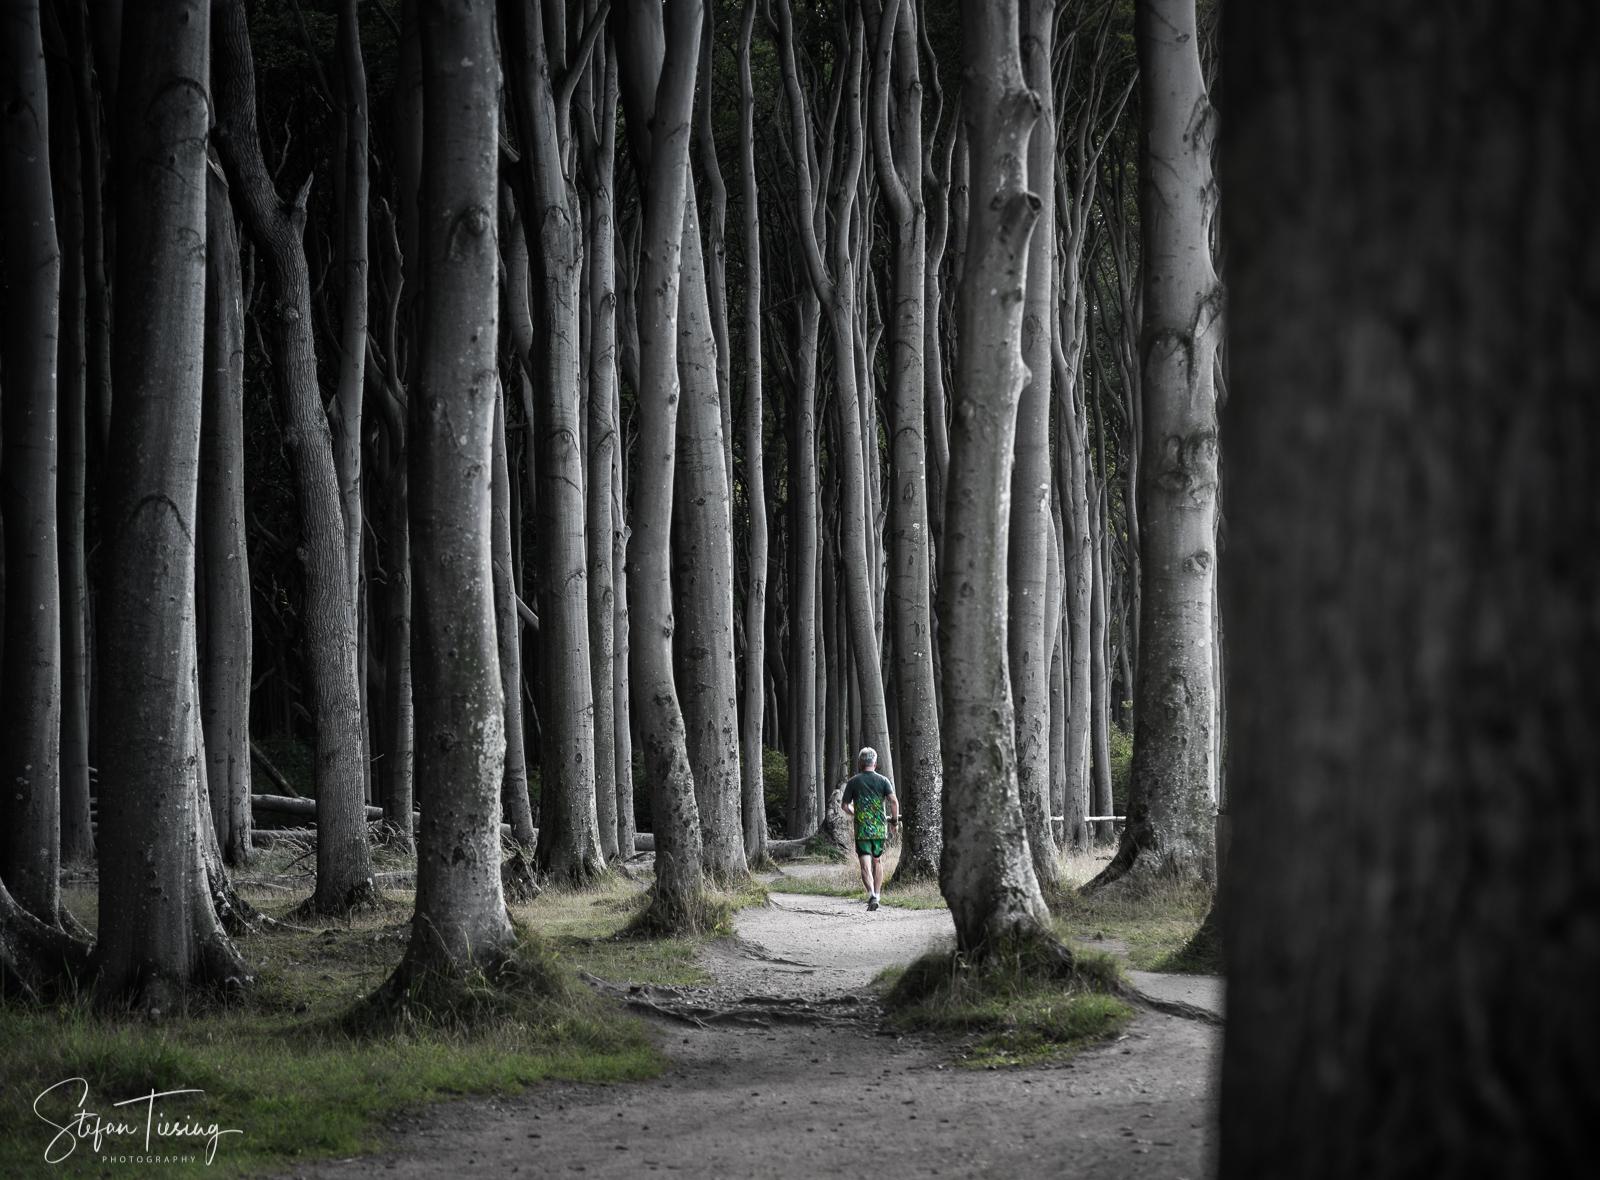 Gespensterwald near Nienhagen, Germany